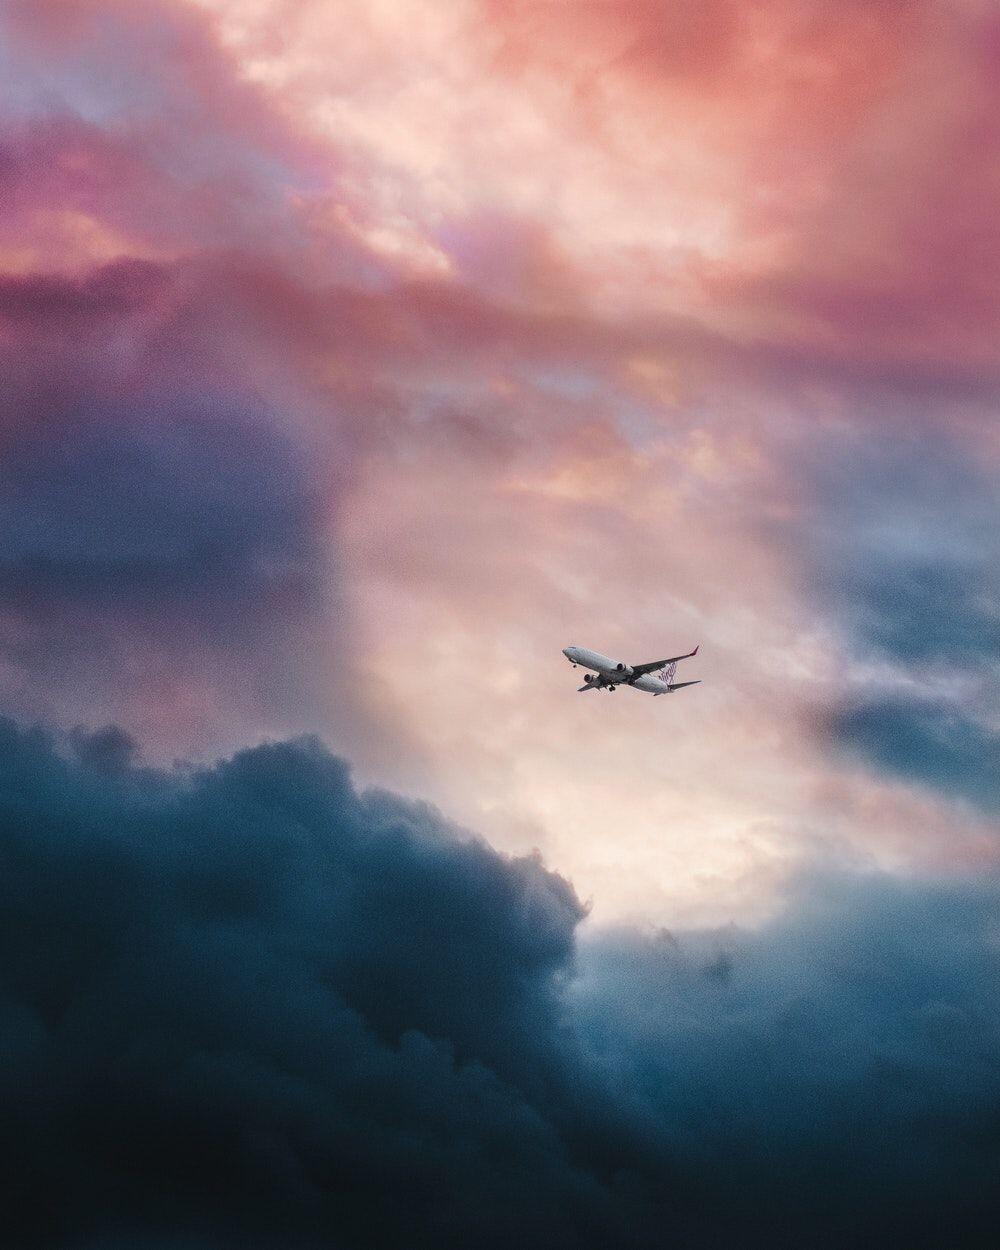 7 Trik Memilih Agen Travel, Liburan Jadi Nyaman dan Gak Bikin Bokek